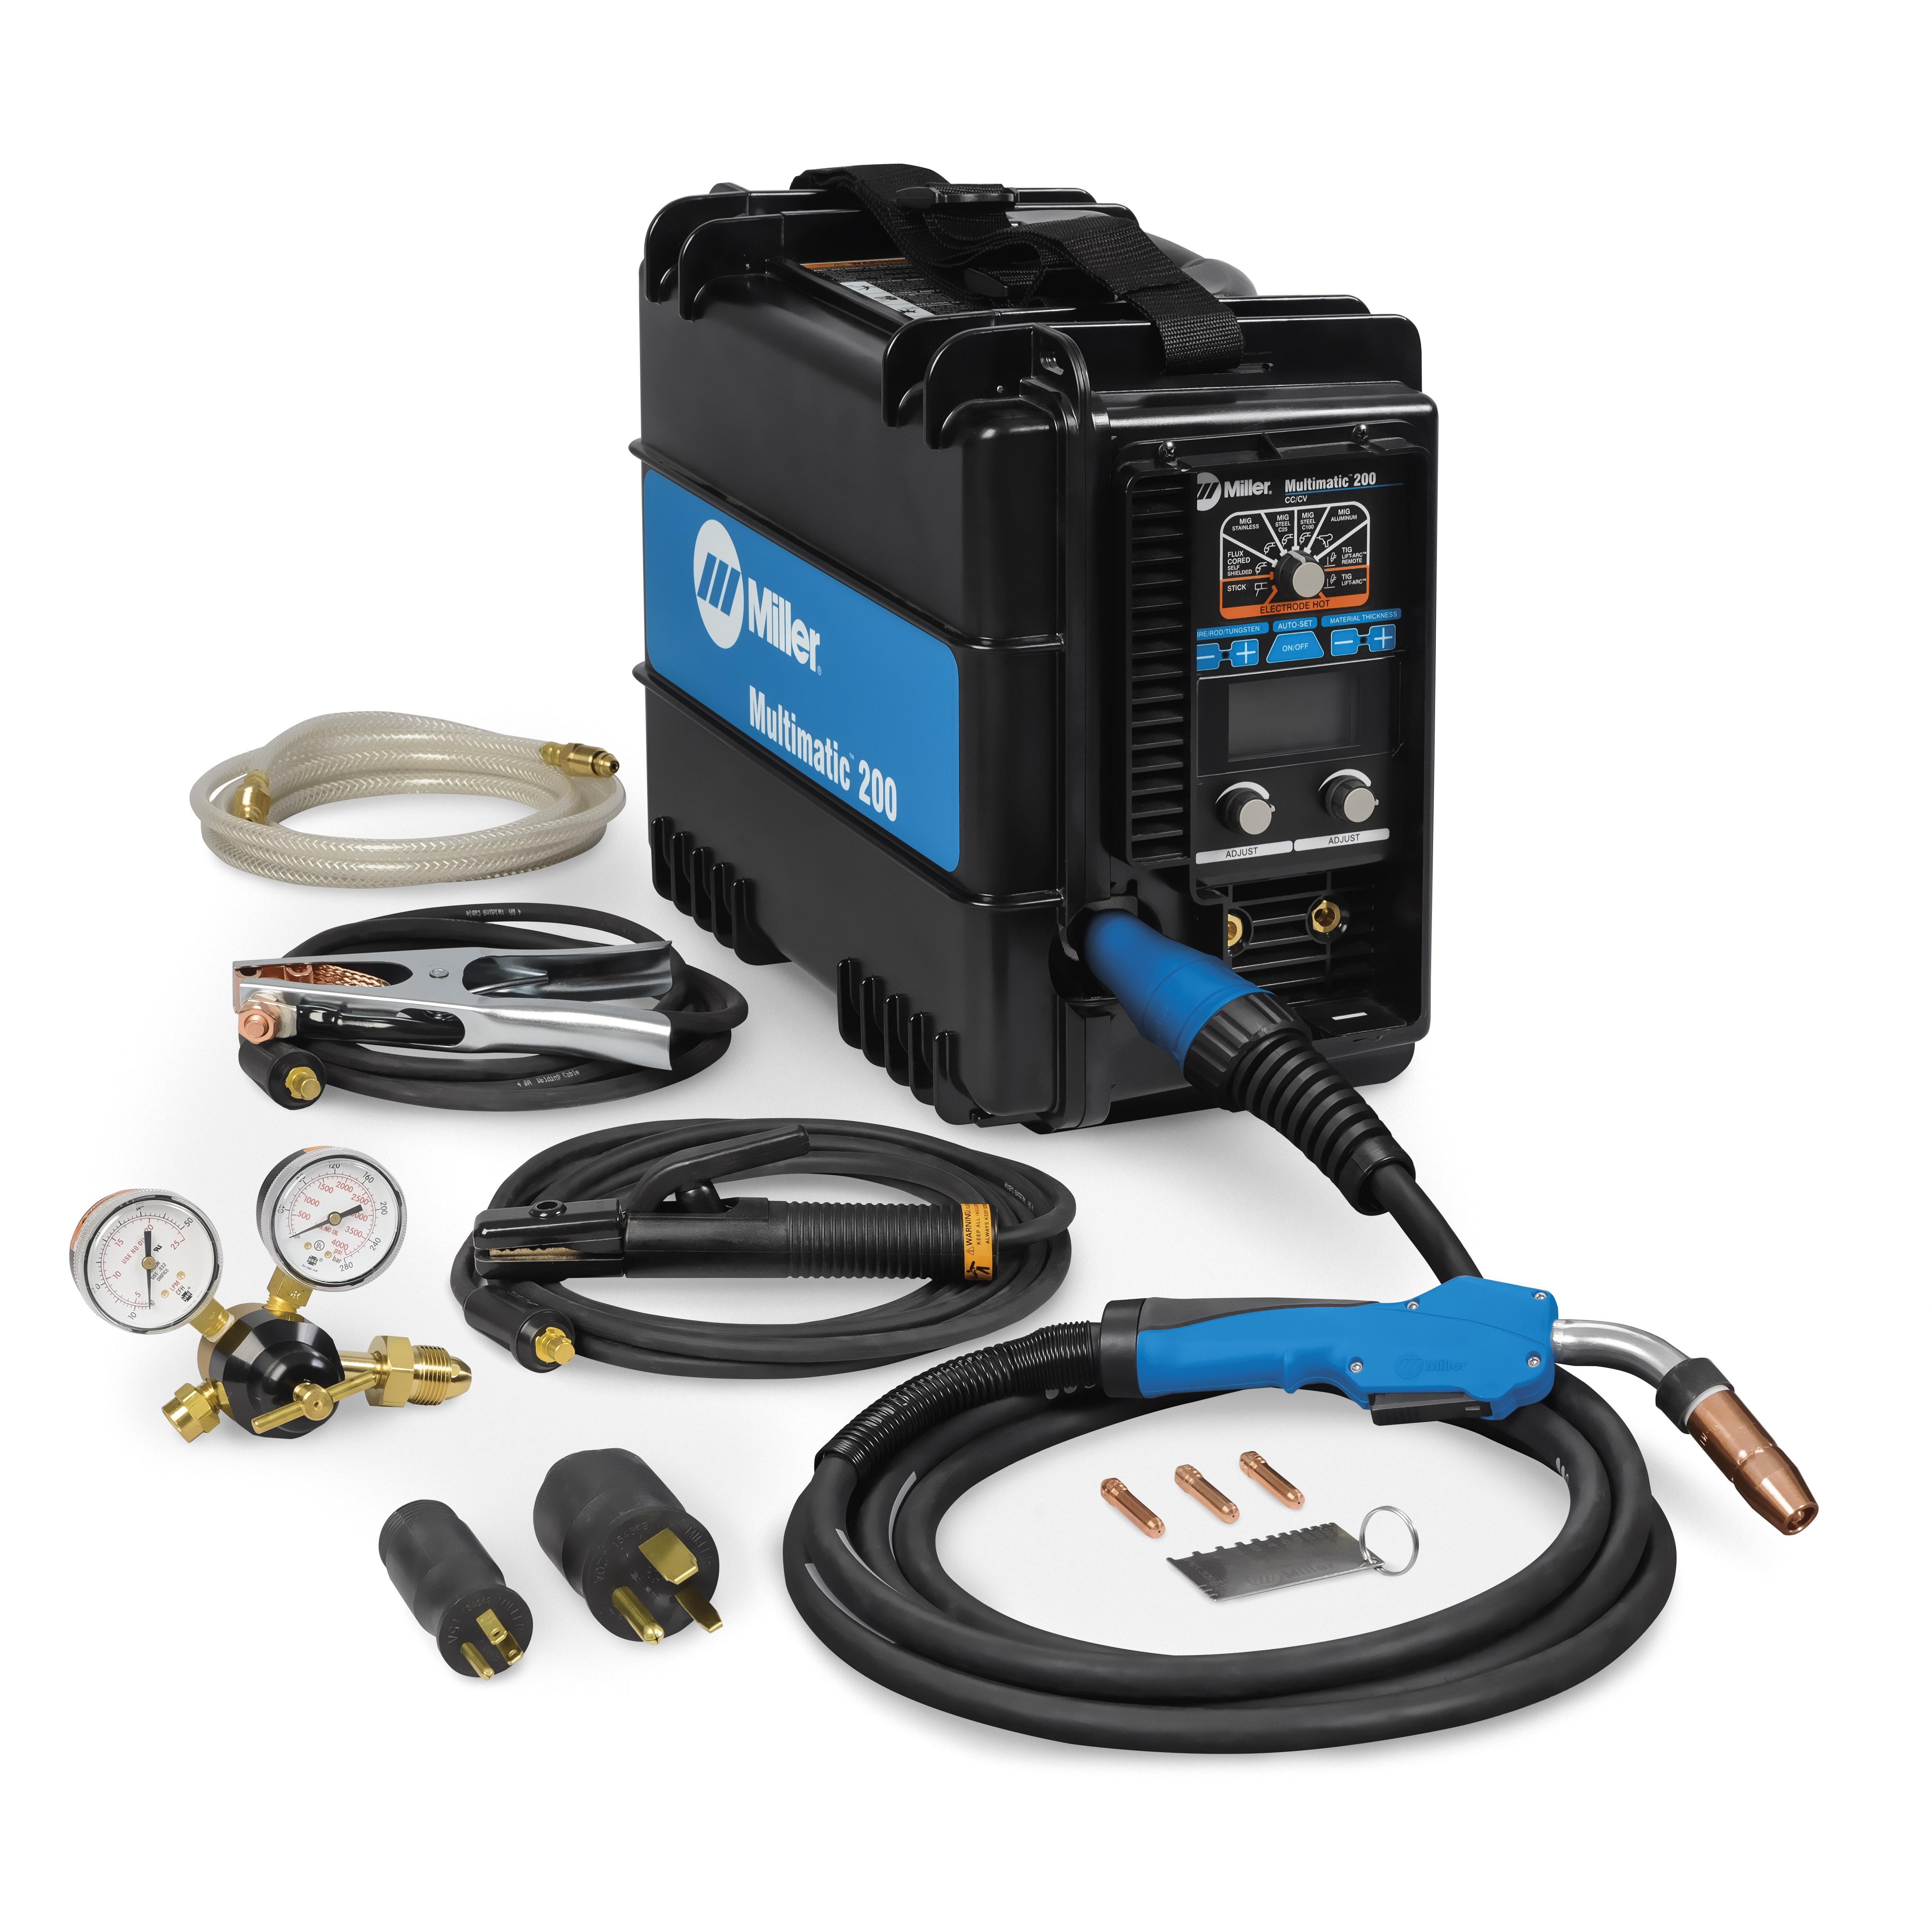 medium resolution of miller 220 plug wiring diagram data schema miller 220 plug wiring